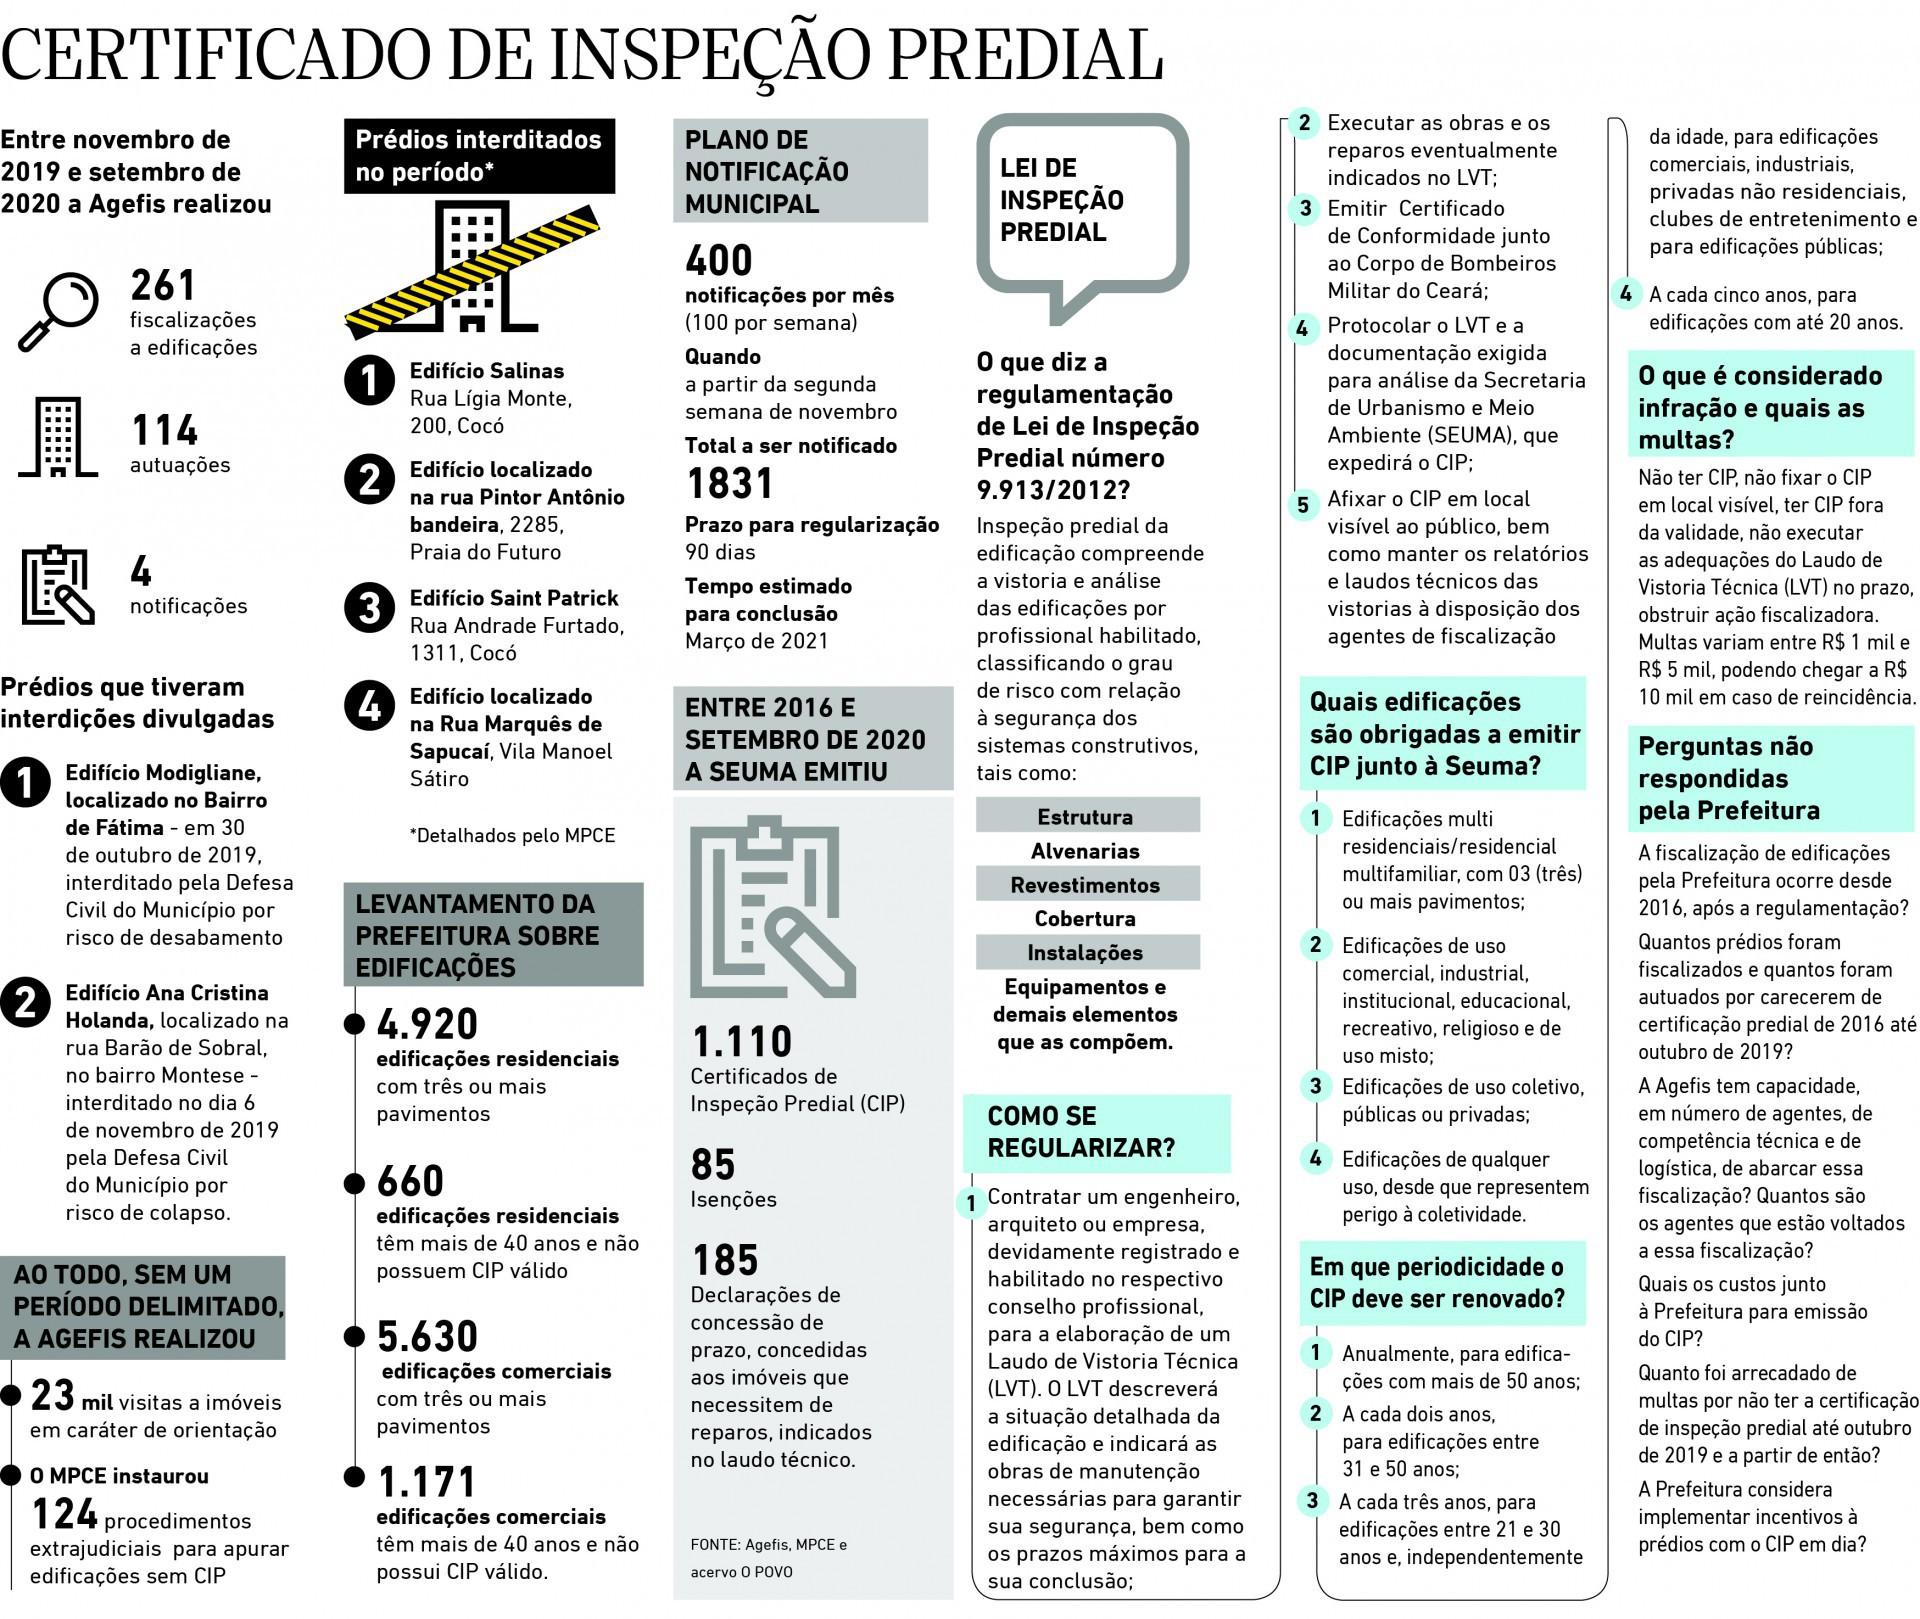 Edificio ANdrea - Certificado de inspecao predial